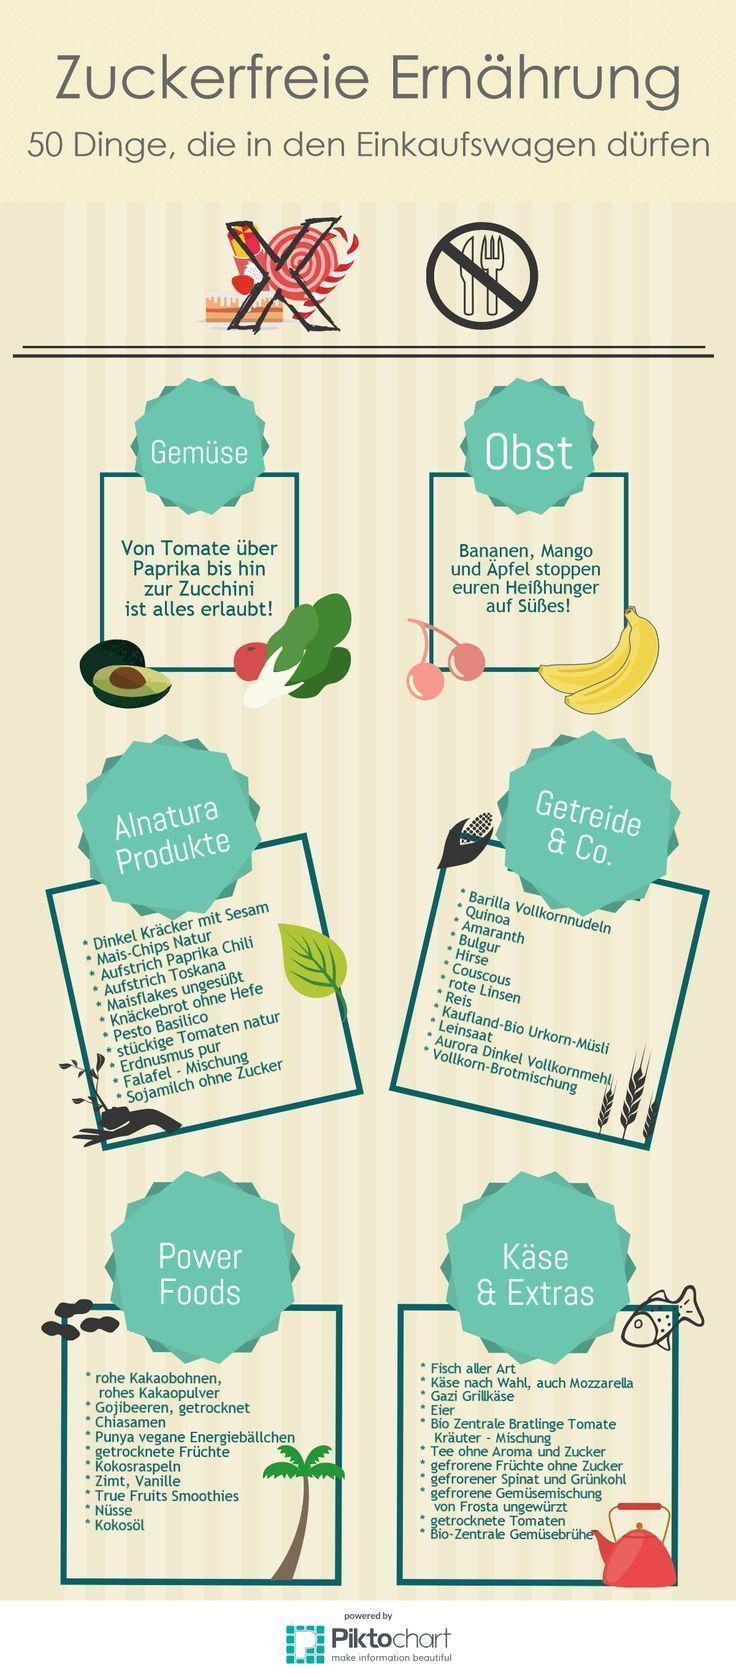 Zuckerfreie Ernährung ist für dich schwierig? Dann folge unseren Einkaufstipps…